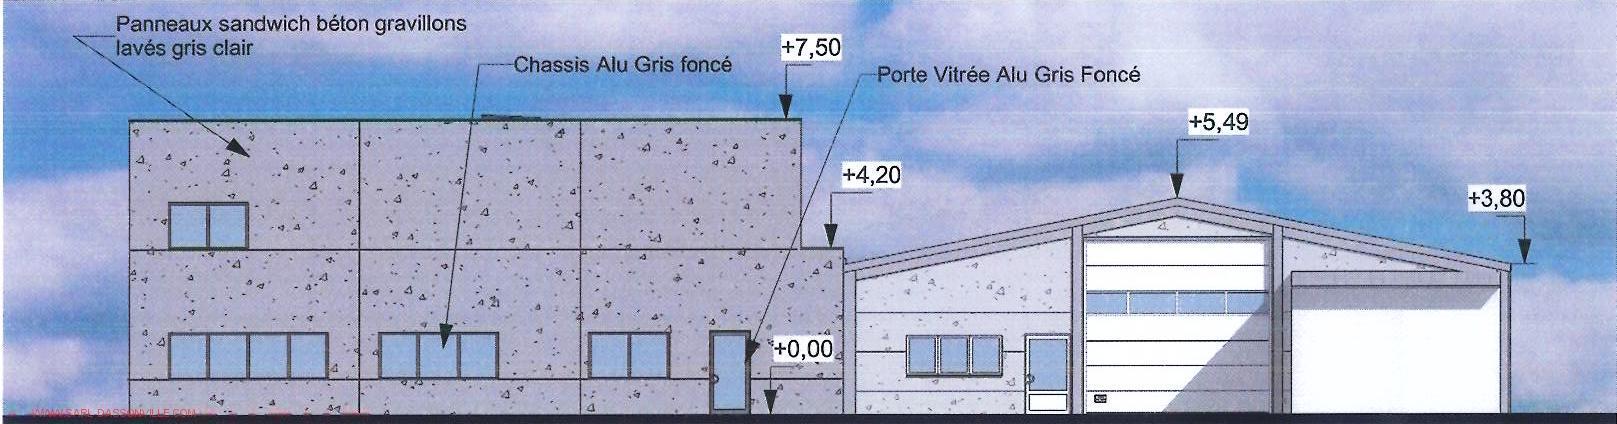 La société DASSONVILLE, le spécialiste de la mécanique de précision pousse ses murs, elle s' agrandit et recrute